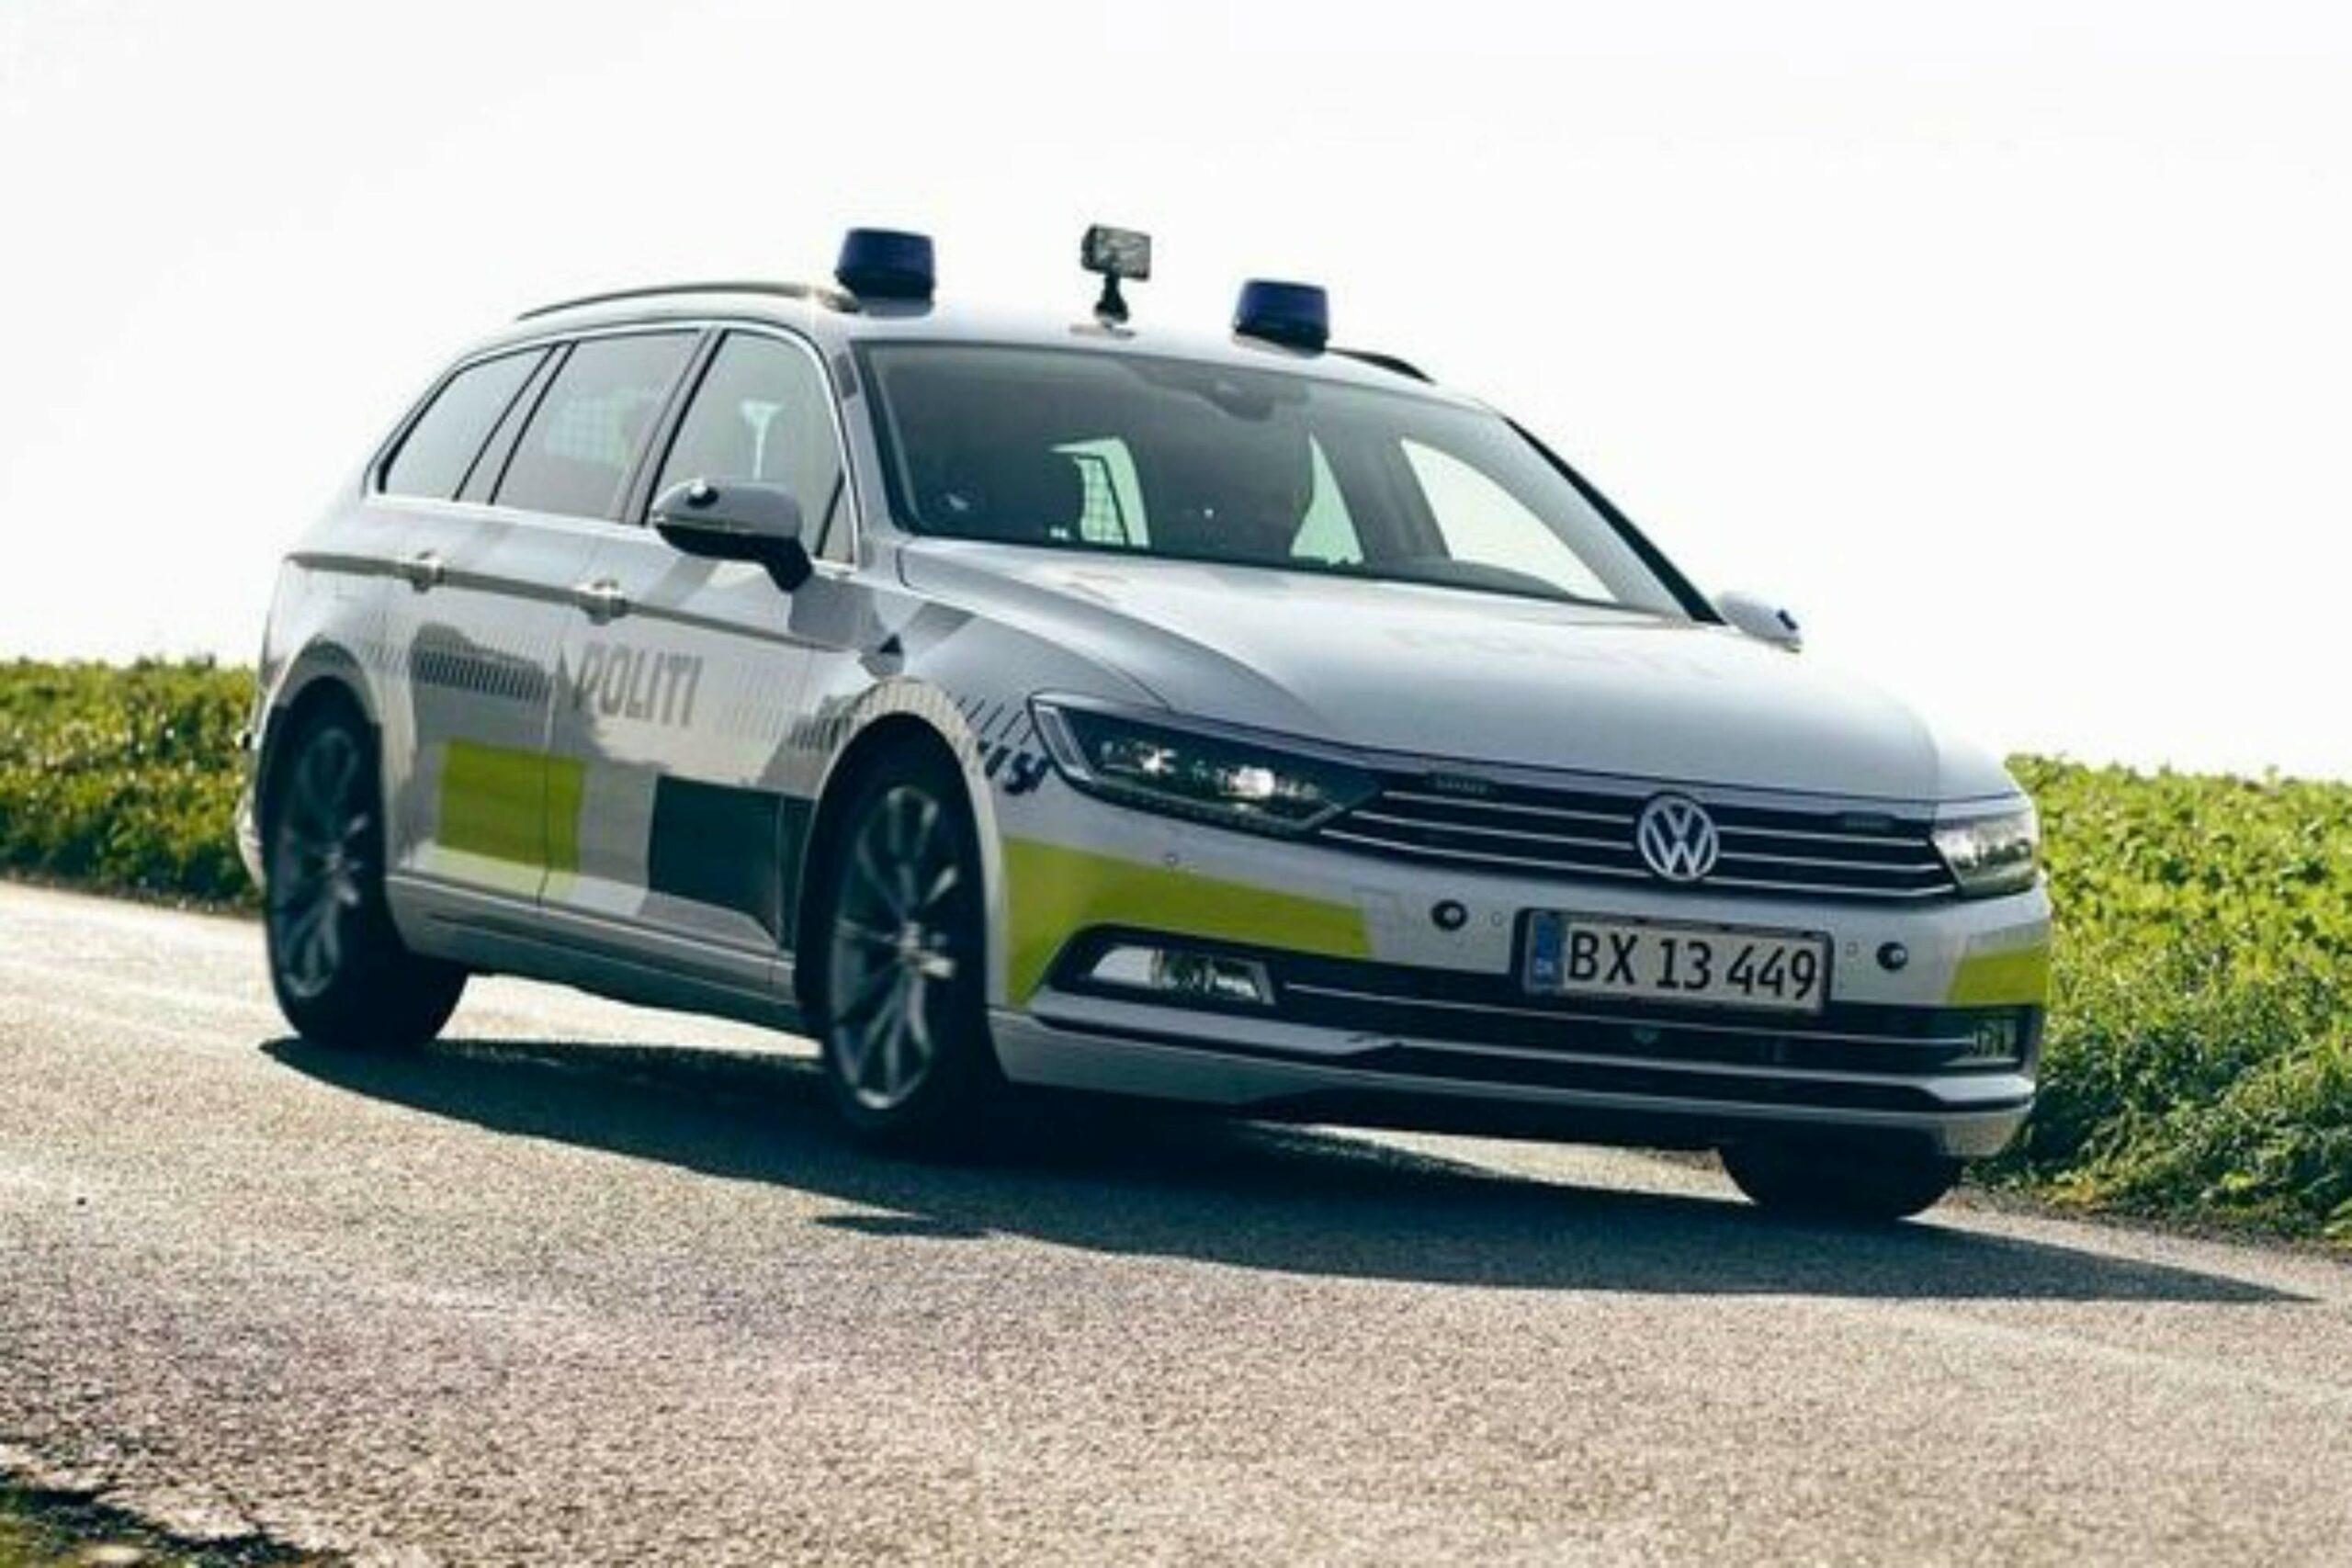 En 56-årig kvinde har fået beslaglagt sin bil og inddraget kørekortet, fordi hendes promille i forbindelse med en ulykke i Faxe var over 2